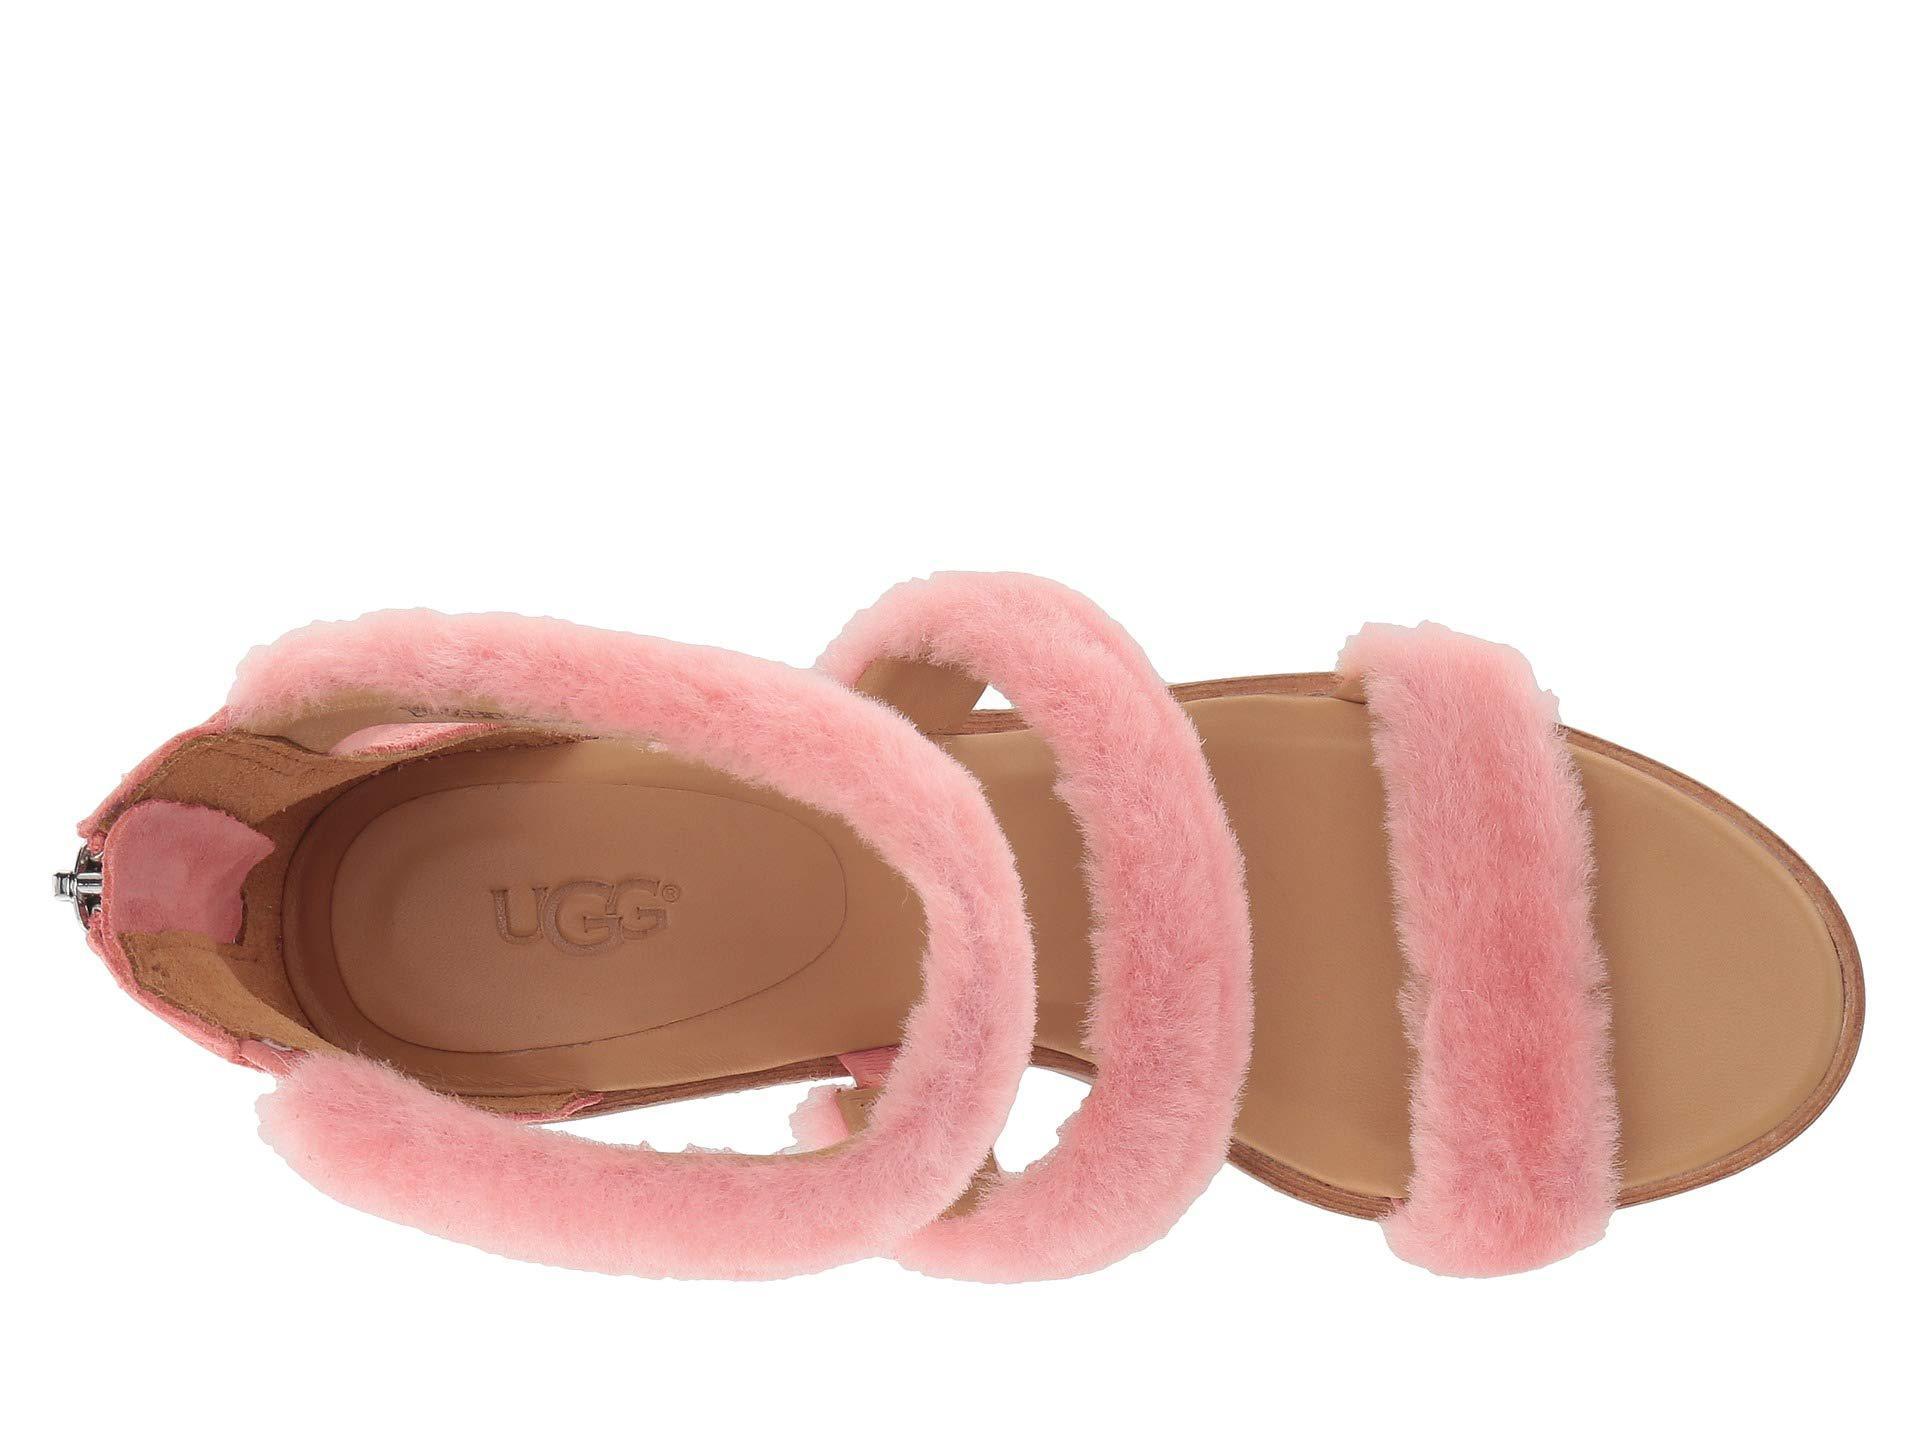 c8906ecf6dd7 Lyst - UGG Del Rey Fluff Heel in Pink - Save 46%